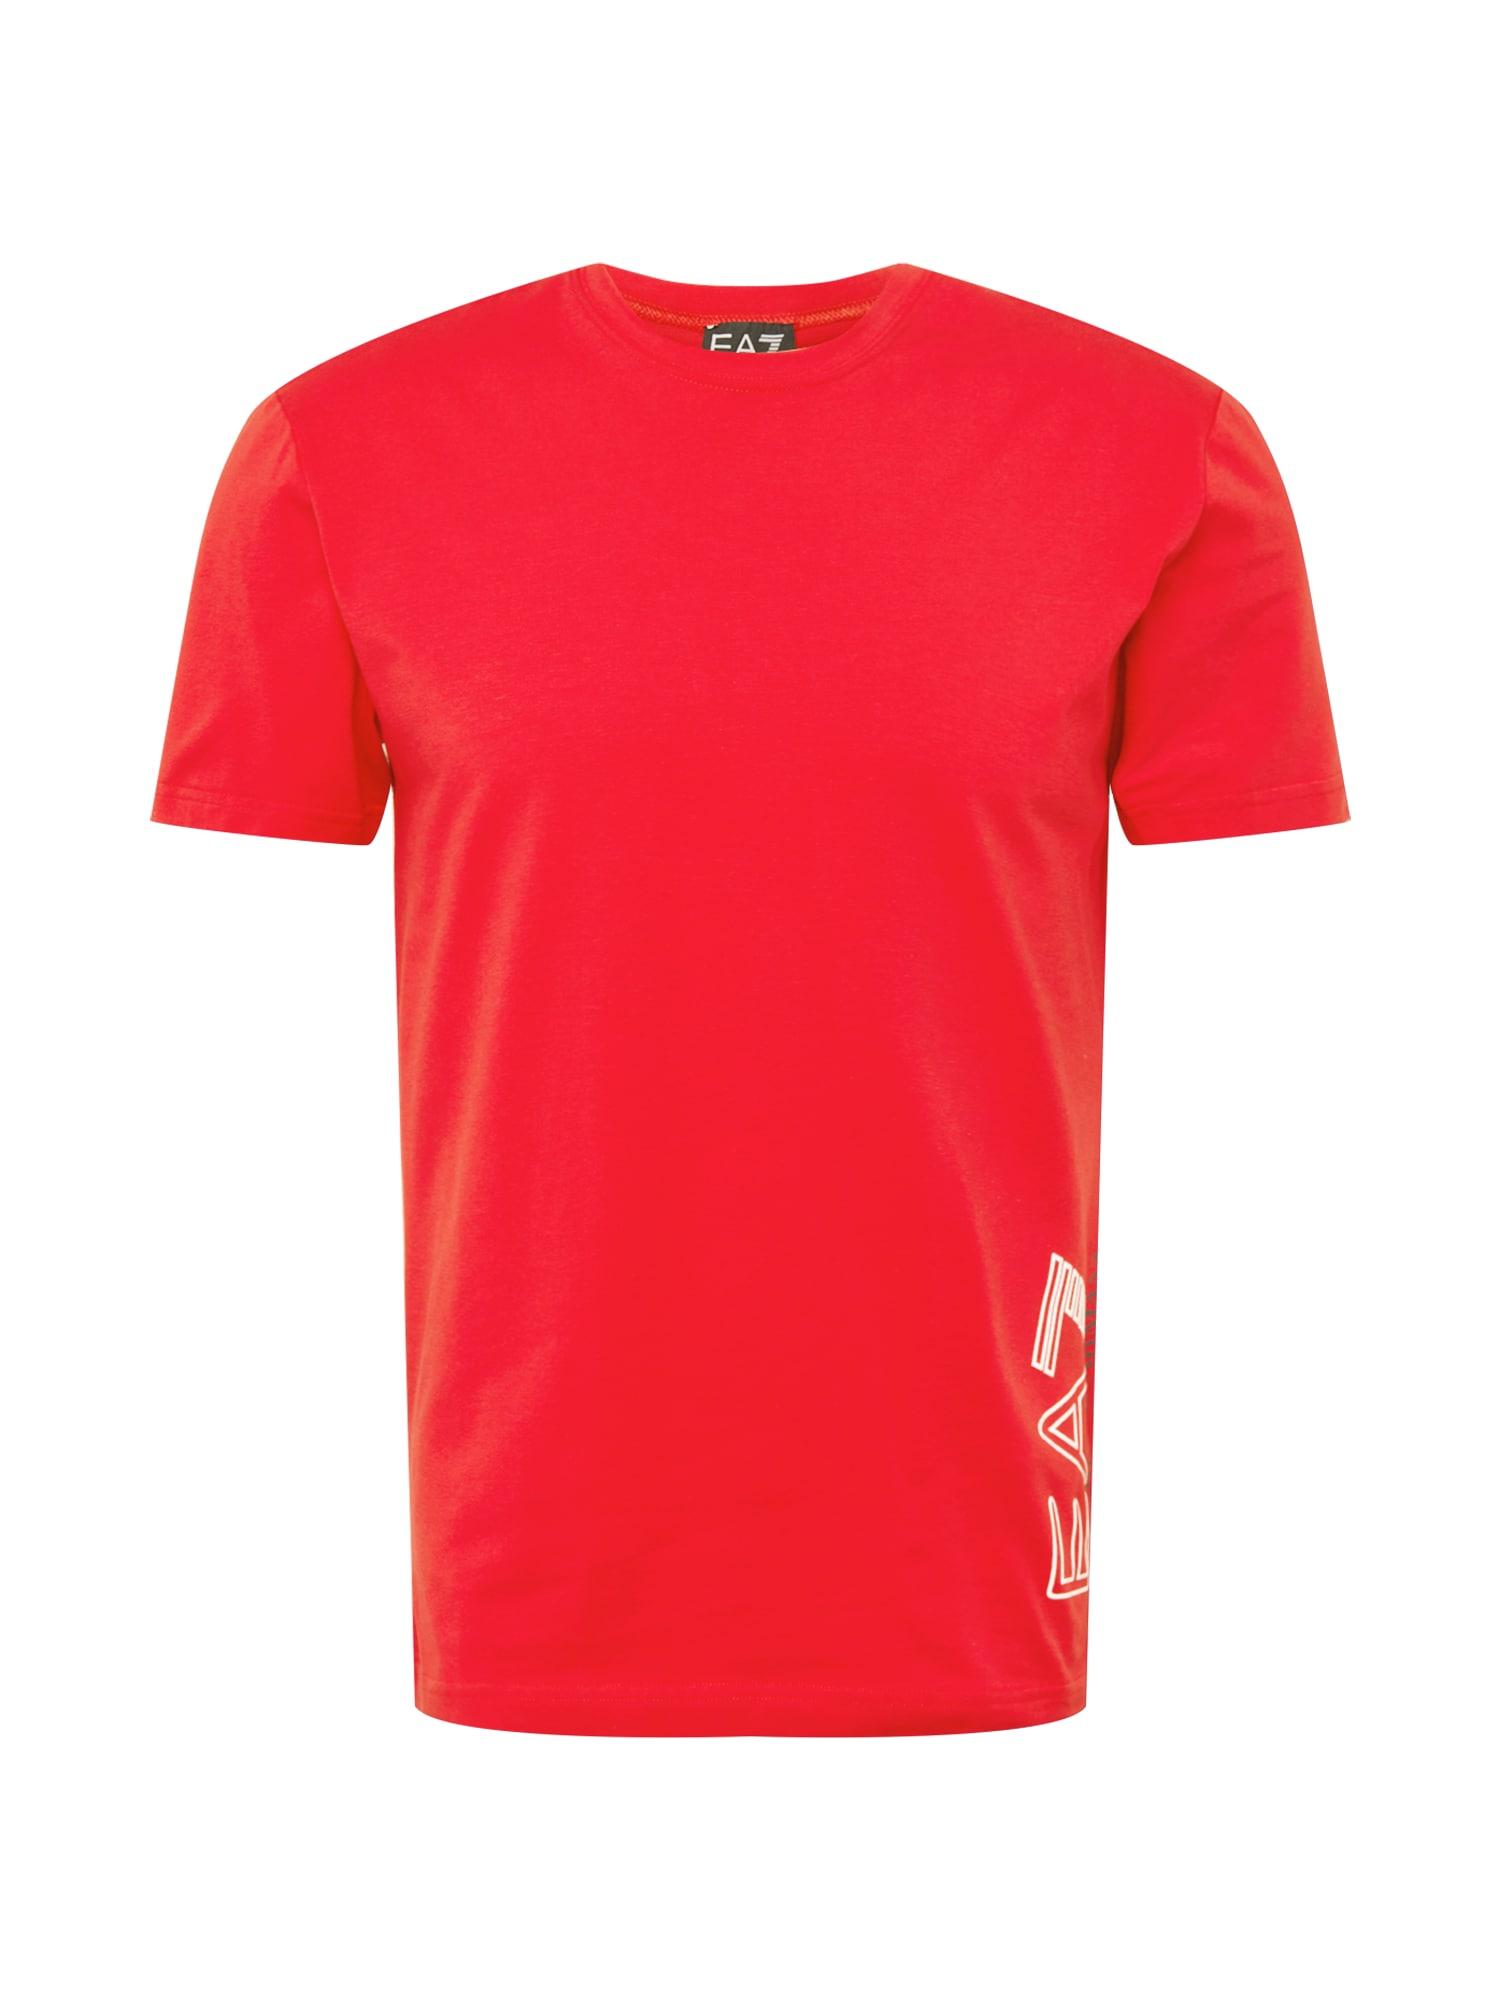 EA7 Emporio Armani Marškinėliai raudona / balta / mėlyna